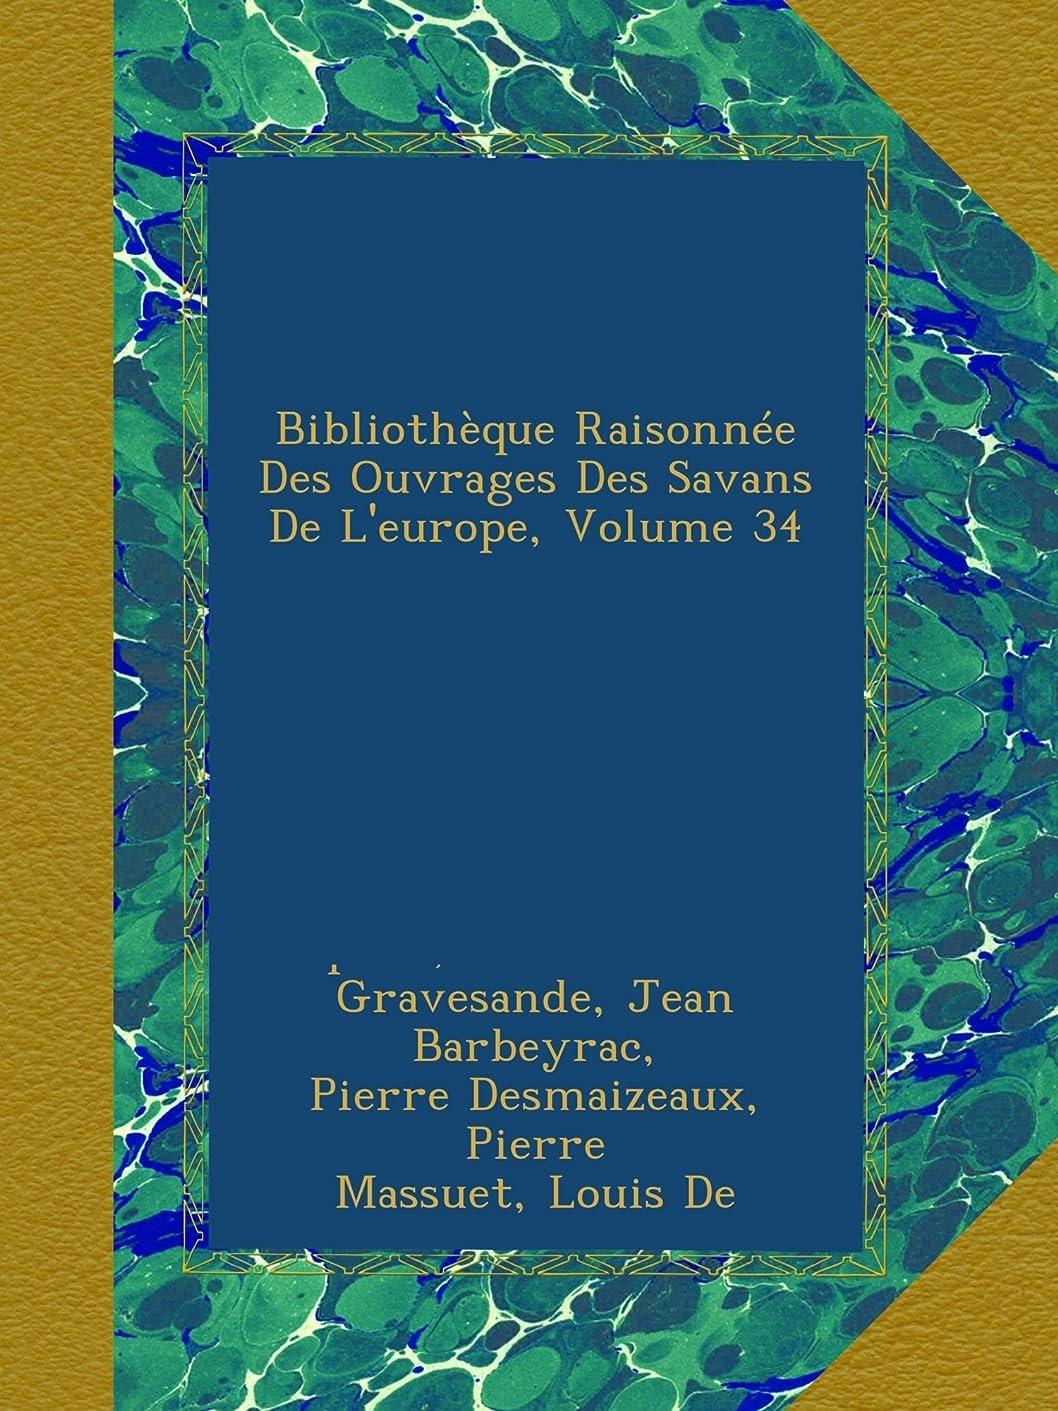 つづりサービス着陸Bibliothèque Raisonnée Des Ouvrages Des Savans De L'europe, Volume 34